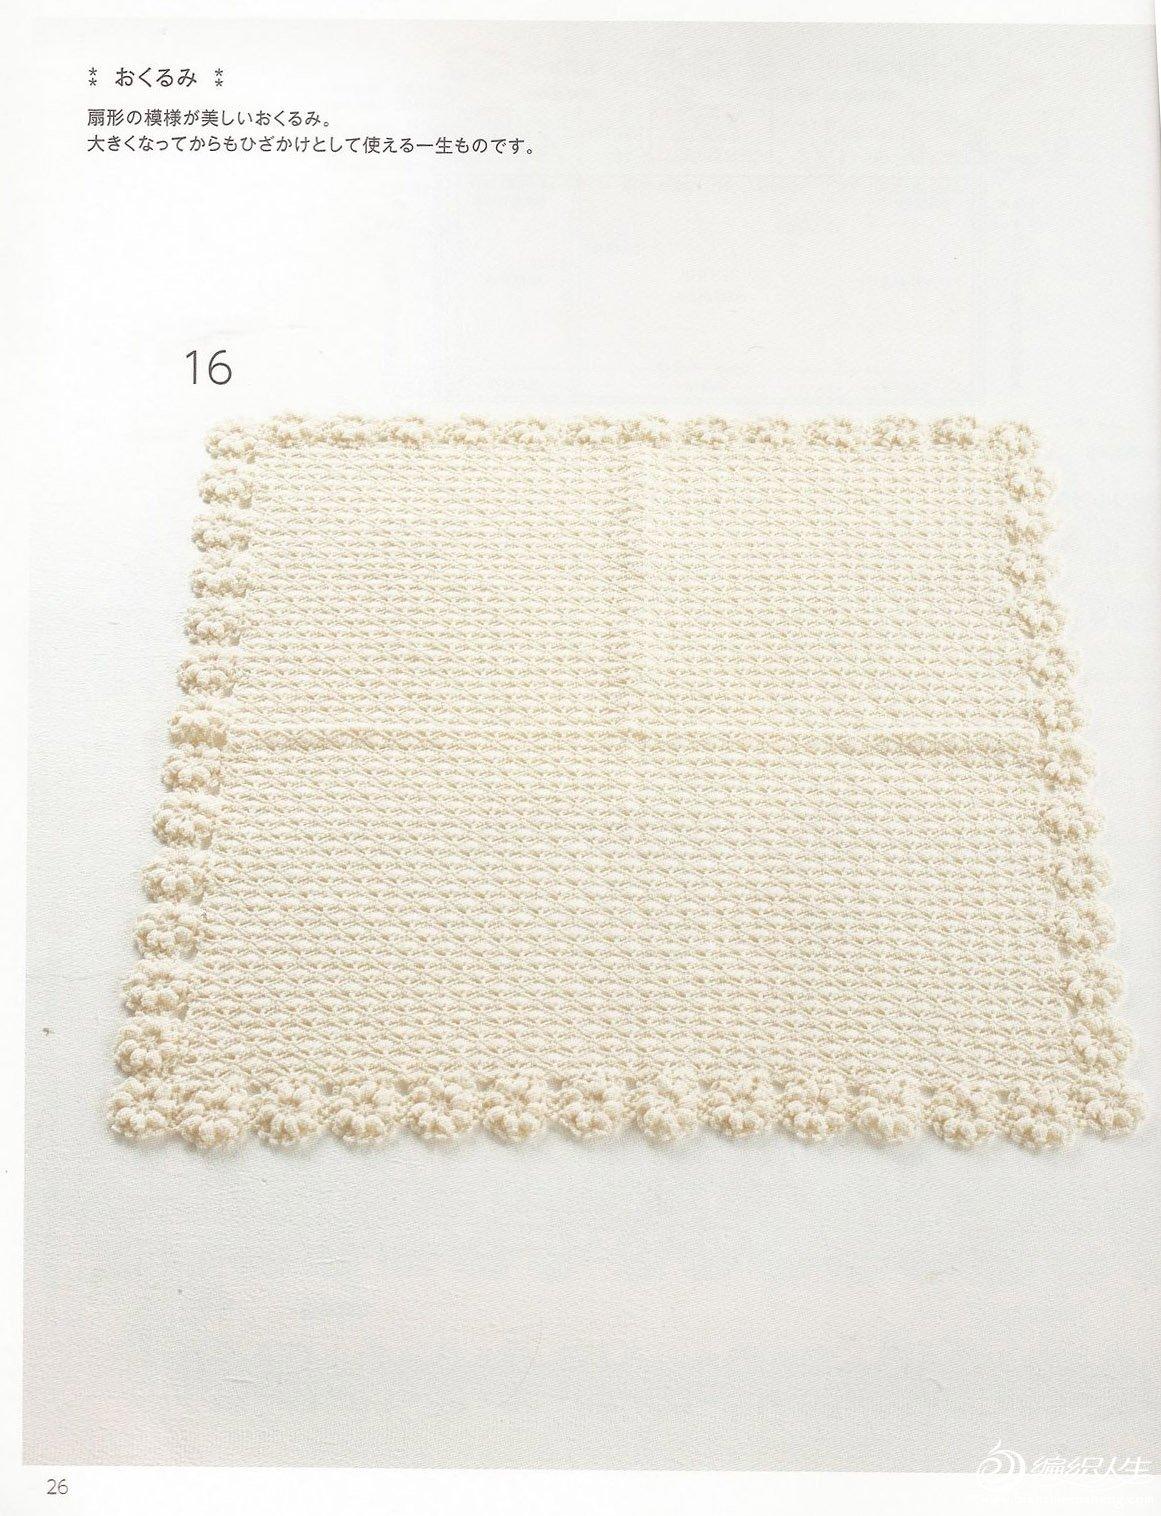 blanket-027.JPG